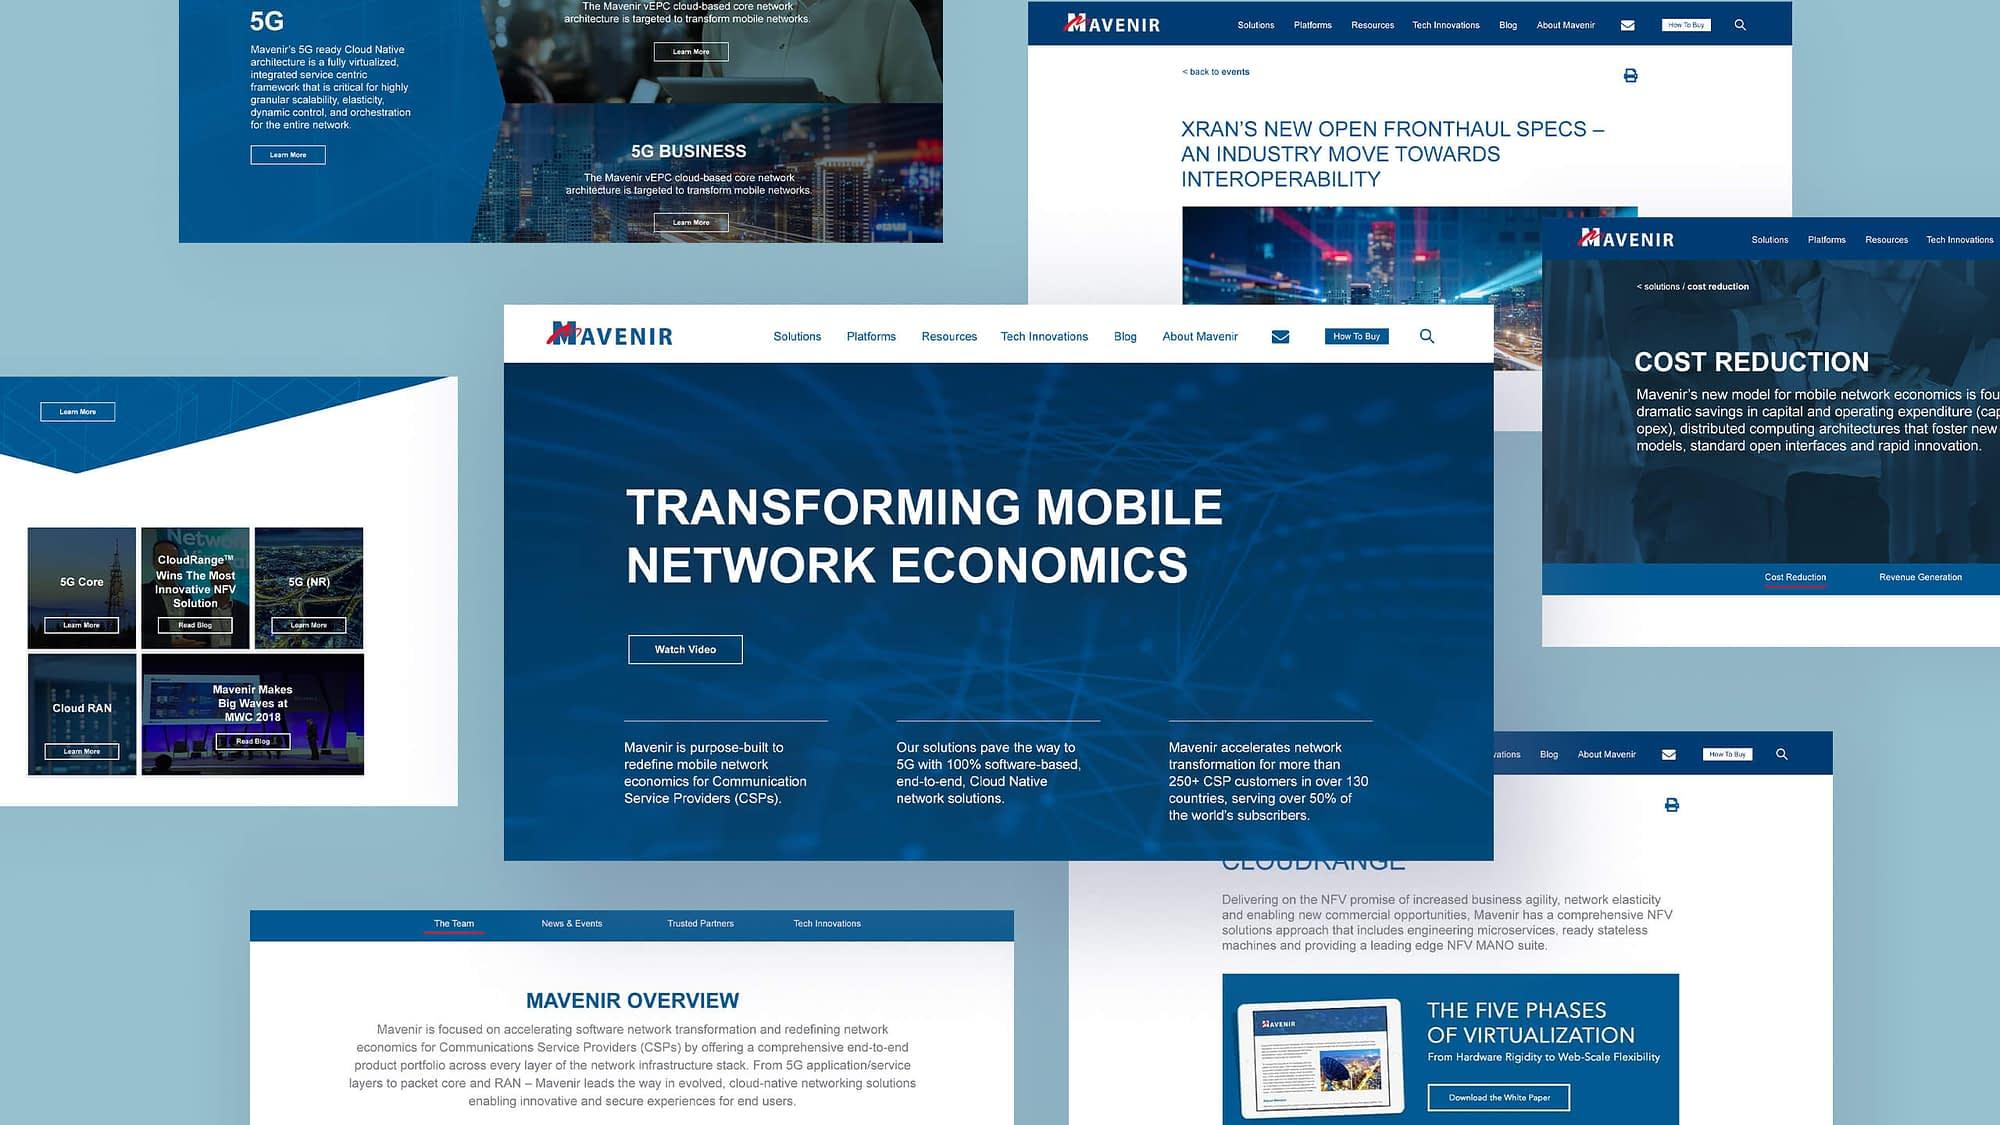 mavenir website design monkeytag